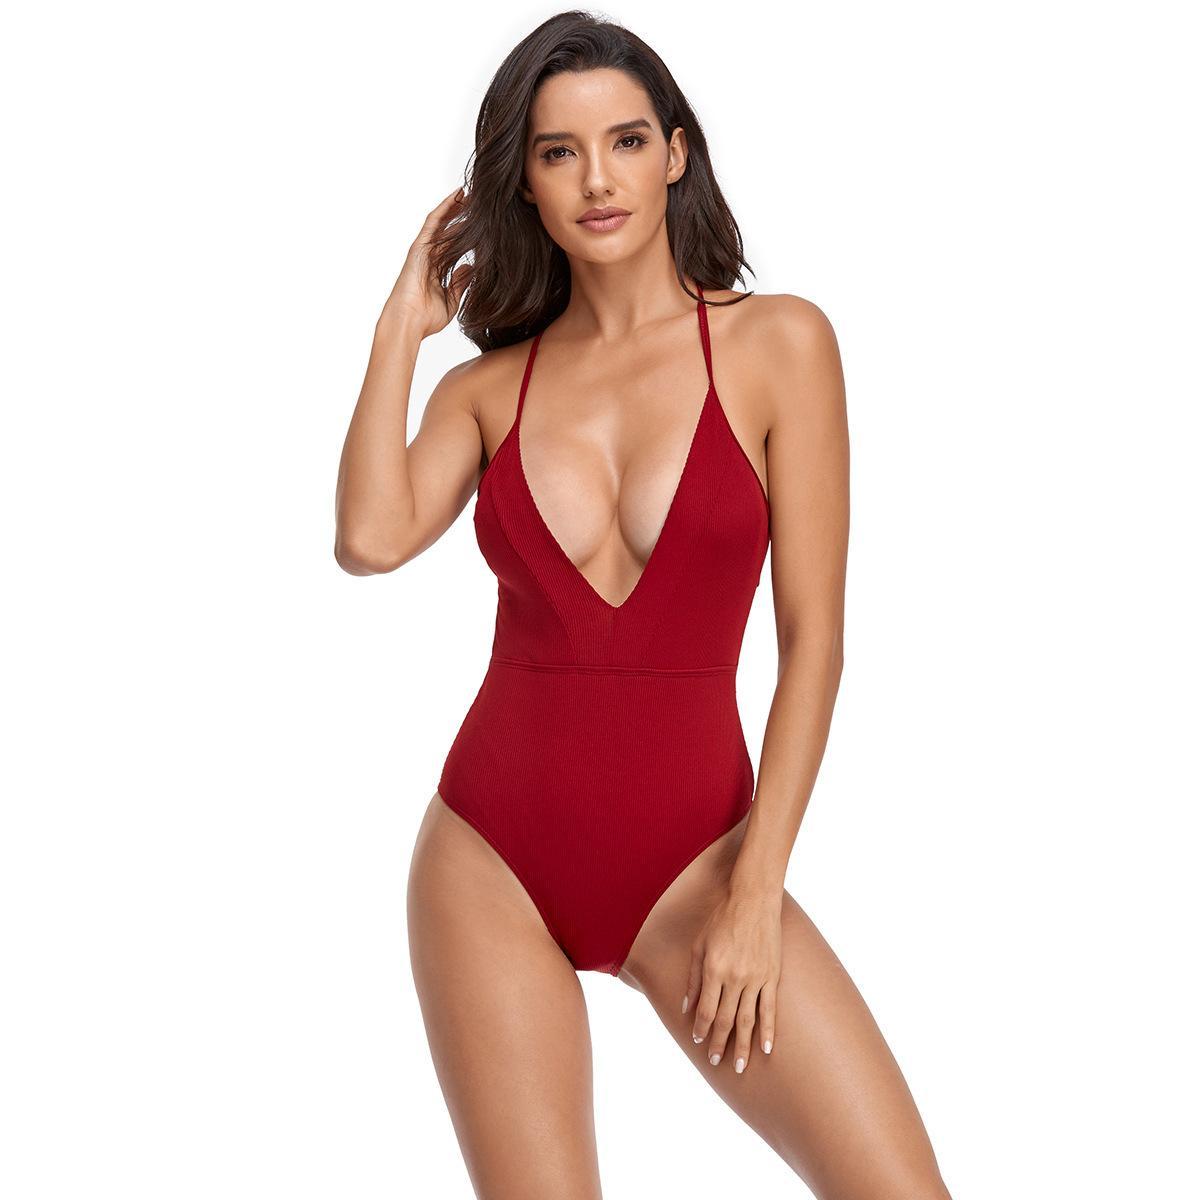 2021 una pieza sexy color sólido triángulo traje de baño bajo corte abierto encaje hacia arriba moda traje de baño de moda